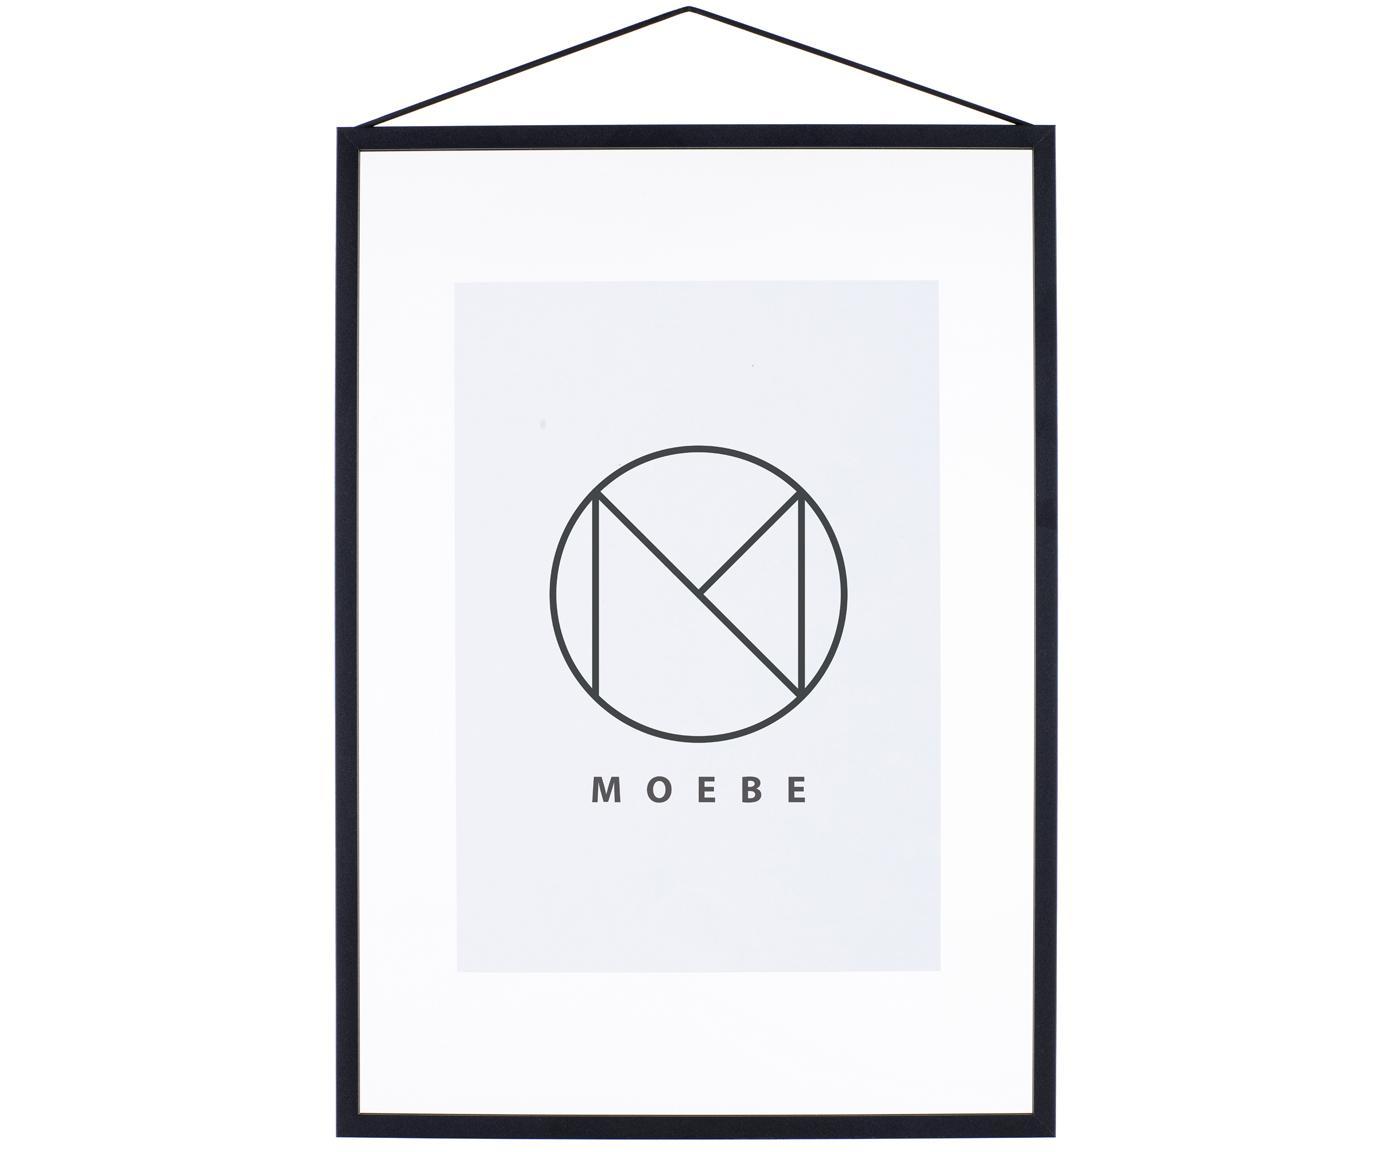 Fotolijst Frame, Frame: Aluminium, poedercoating, Frame: Zwart<br>Ophanging: Zwart<br>Voorkant en achterkant: Transparant, 32 x 44 cm